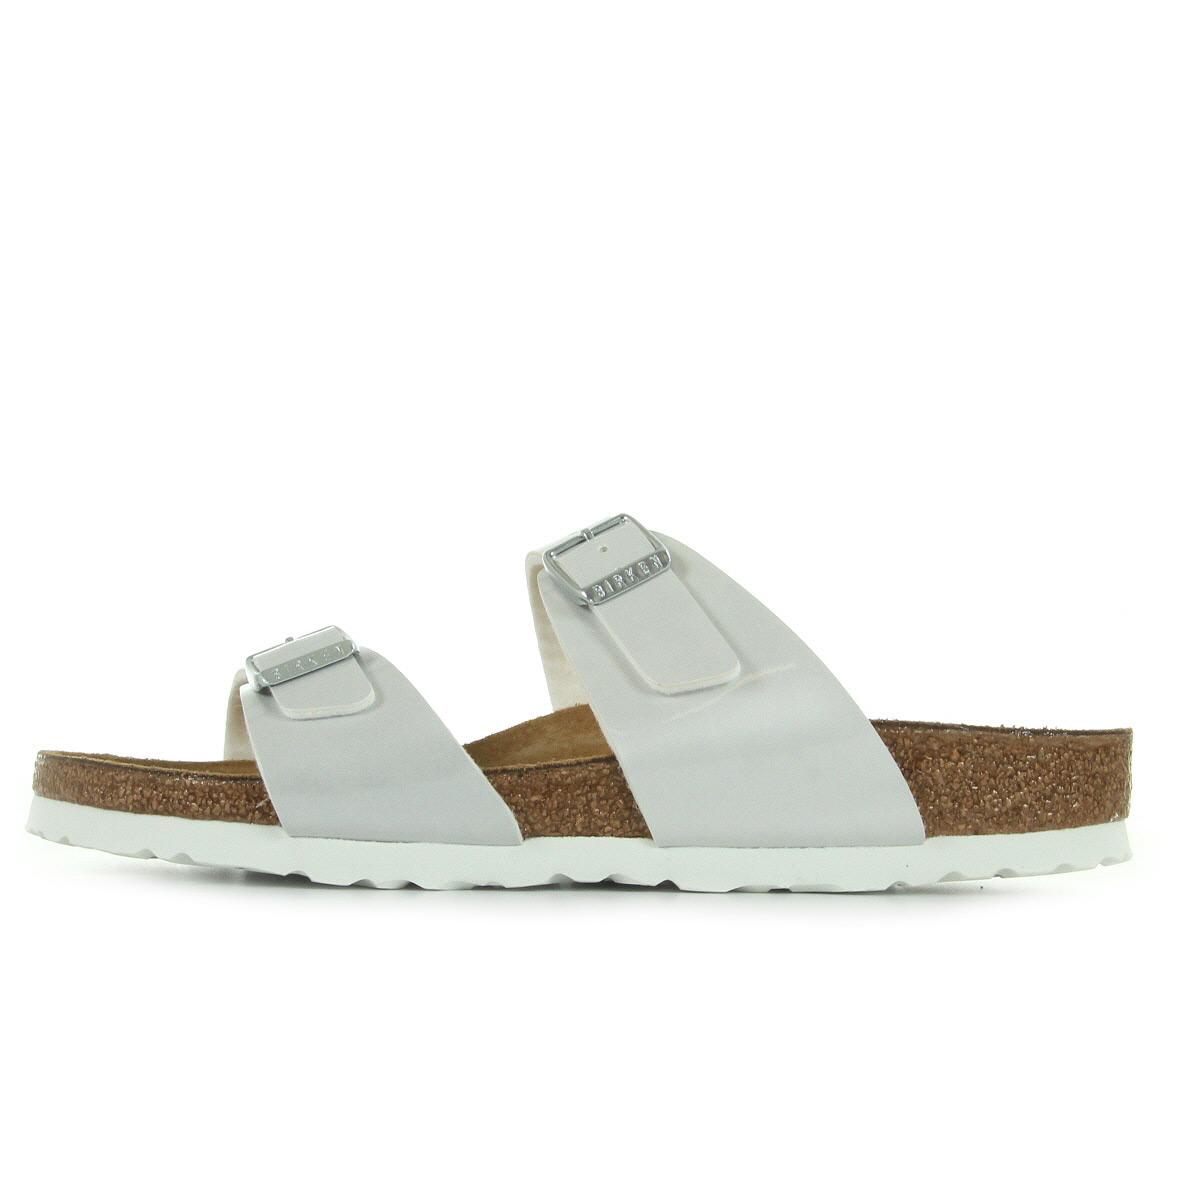 sandales nu pieds birkenstock femme sydney taille blanc nacr blanche. Black Bedroom Furniture Sets. Home Design Ideas